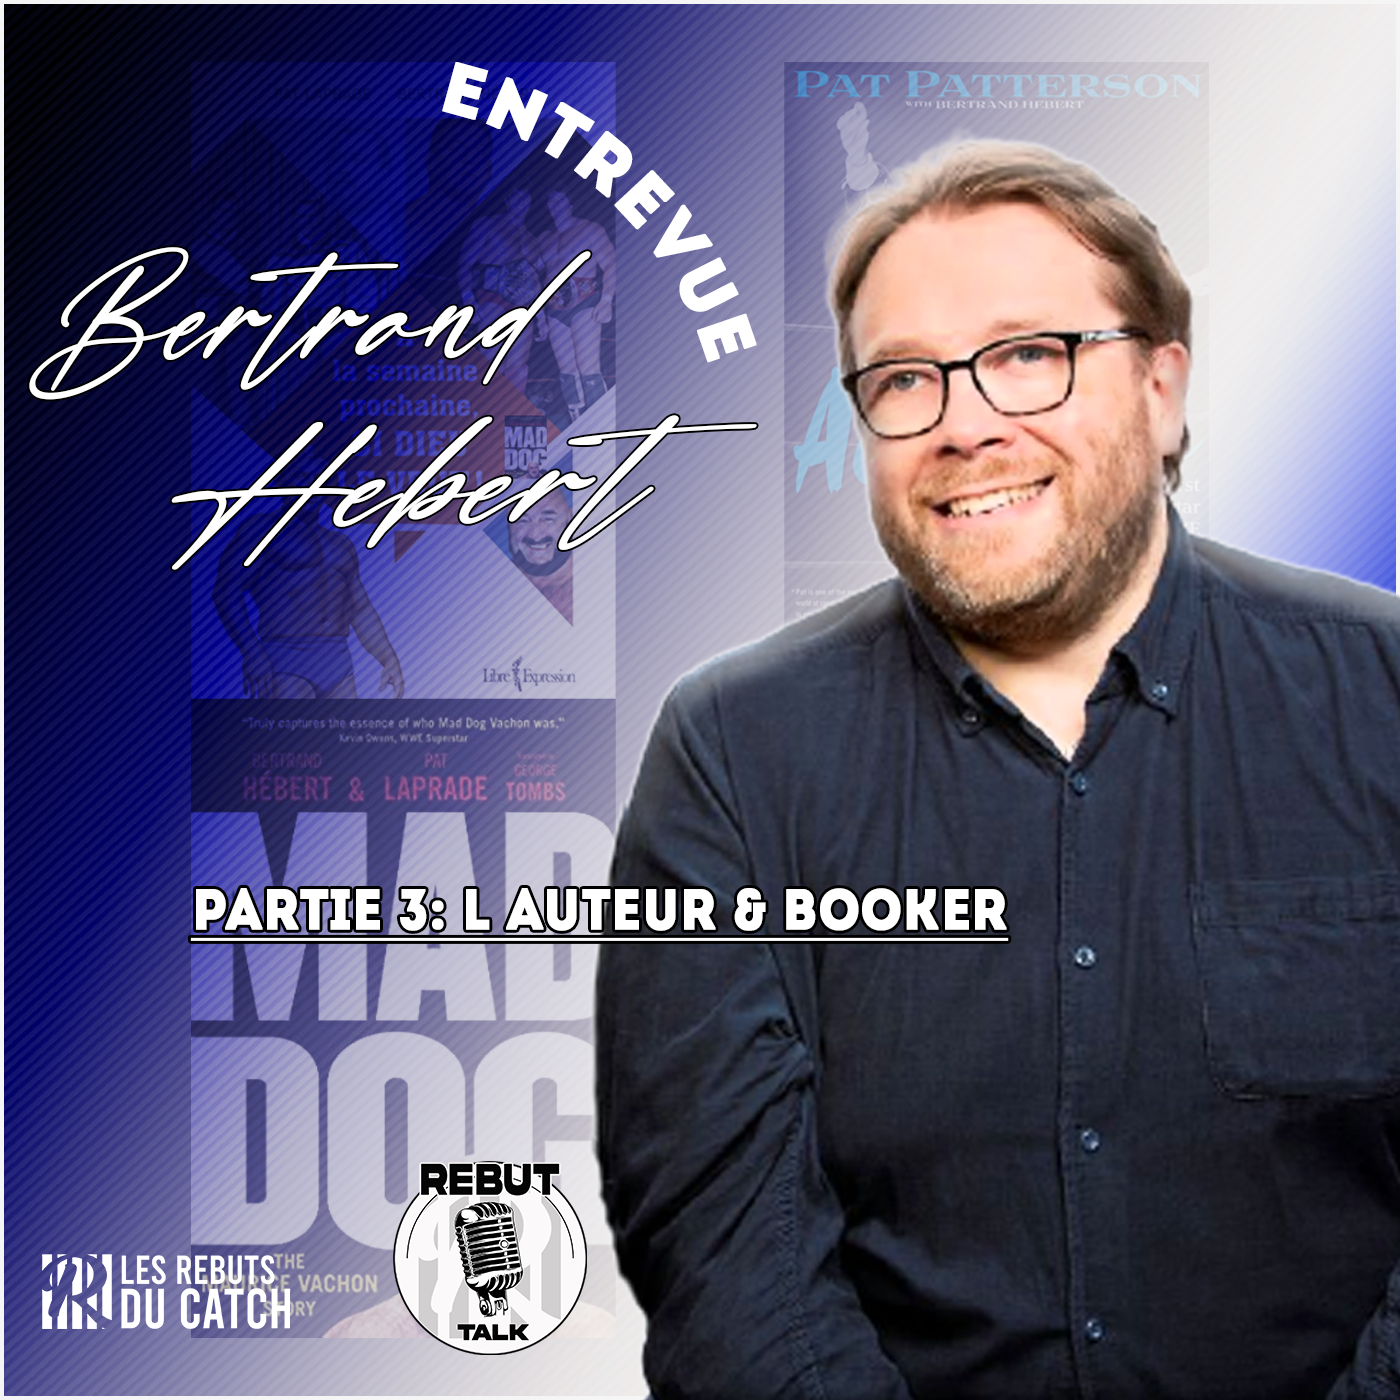 Bertrand Hebert parle de sa carrière, André le Géant et ses futurs projets (3/3)